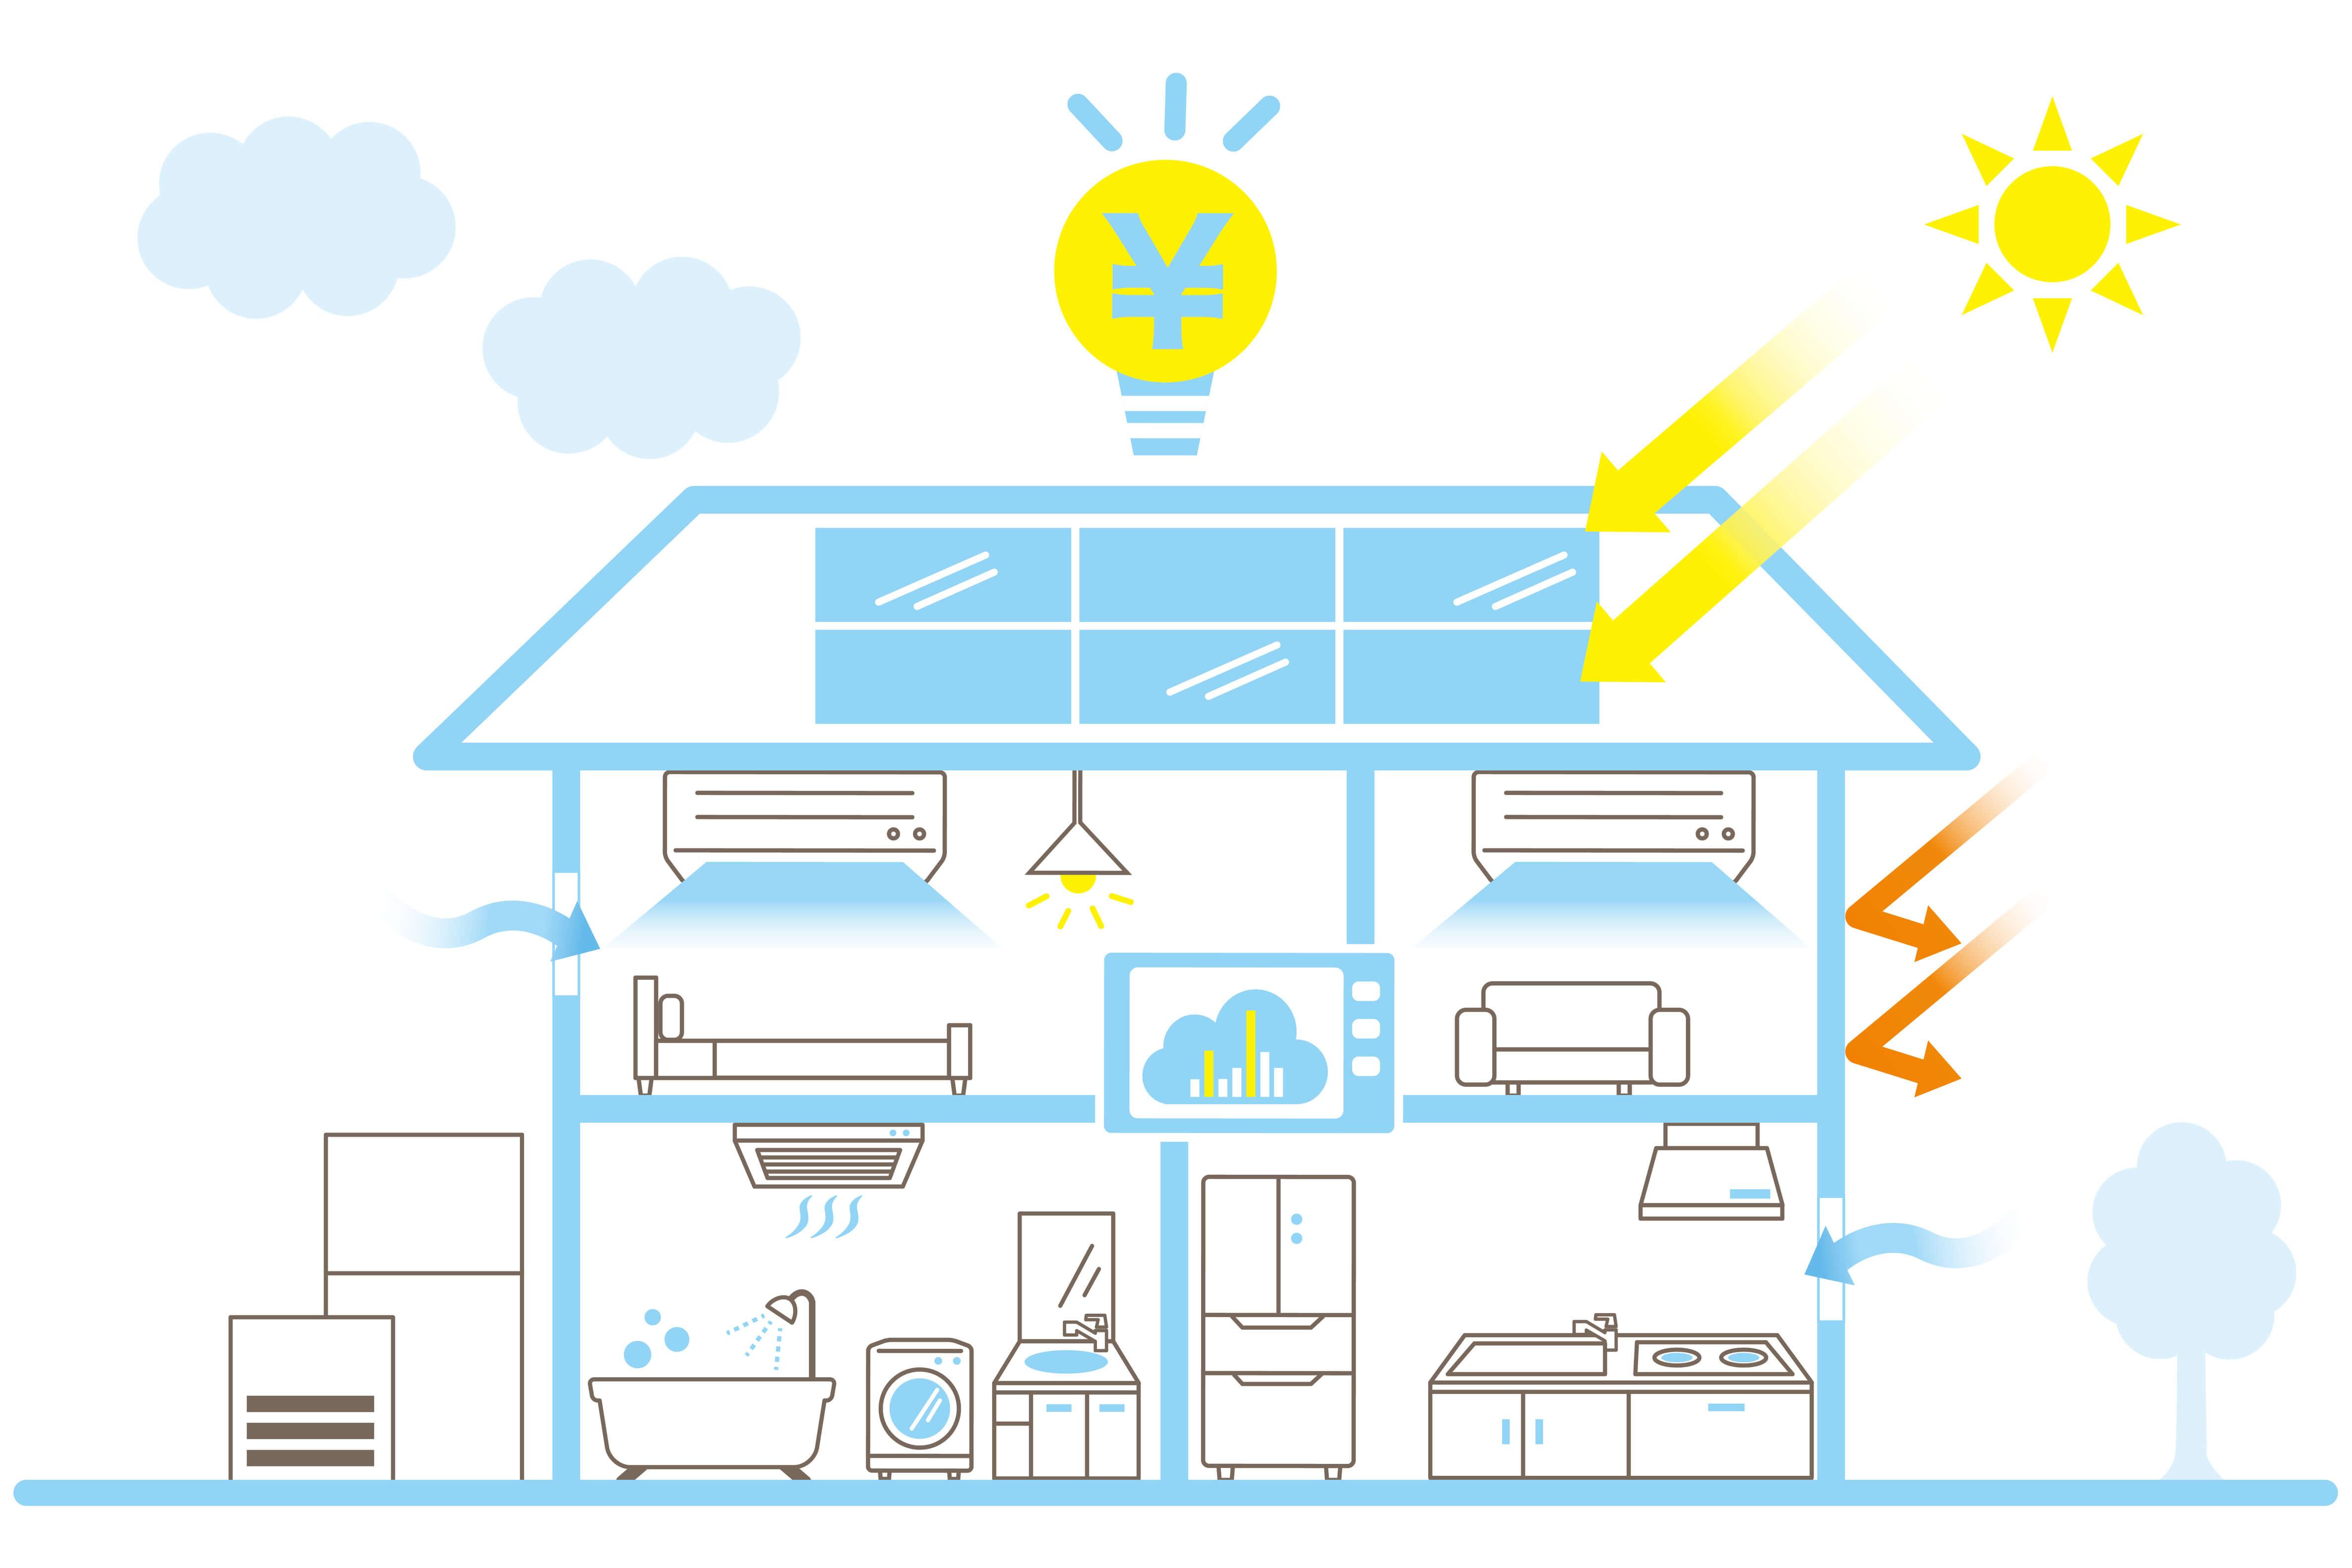 first 設備だけに頼るのではなく、家全体で消費電力を抑える